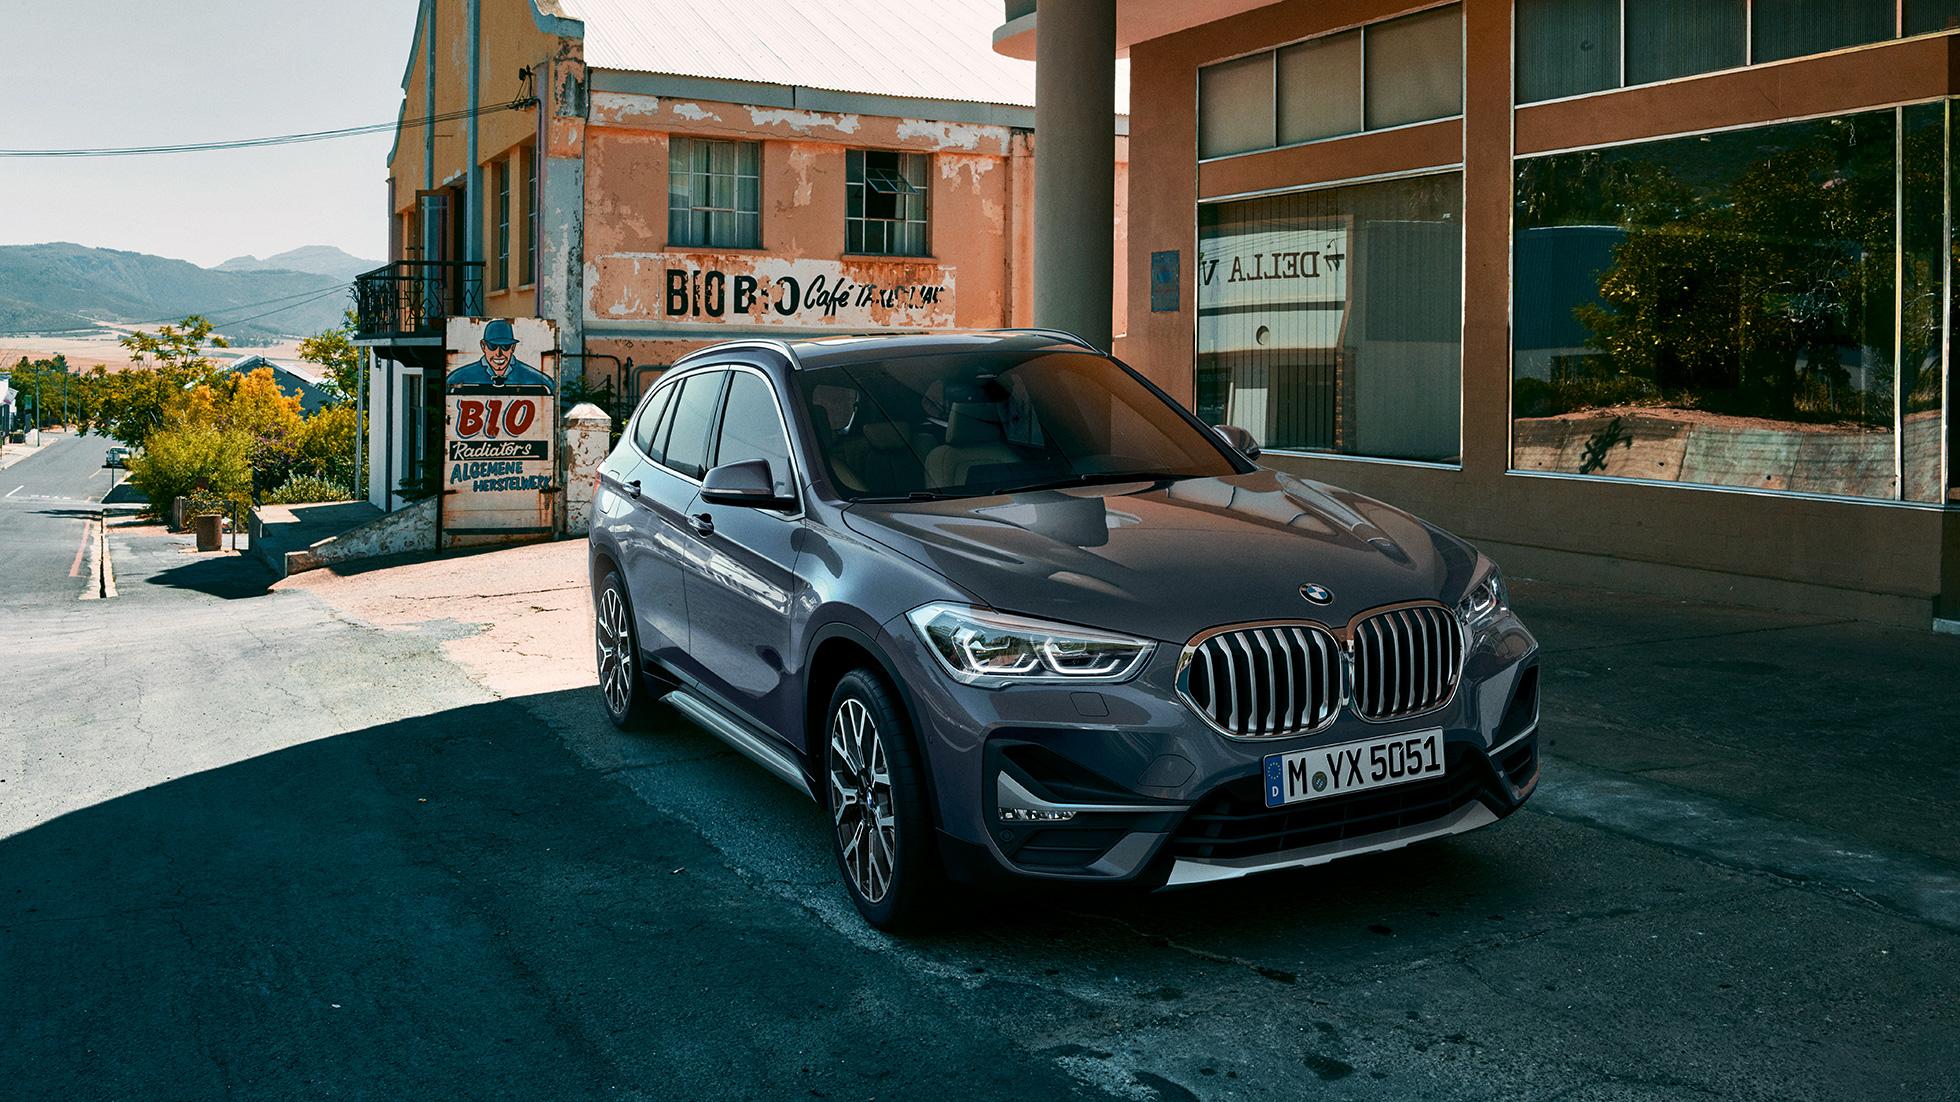 BMW X1, vue de trois quarts avant, dans un décor urbain.